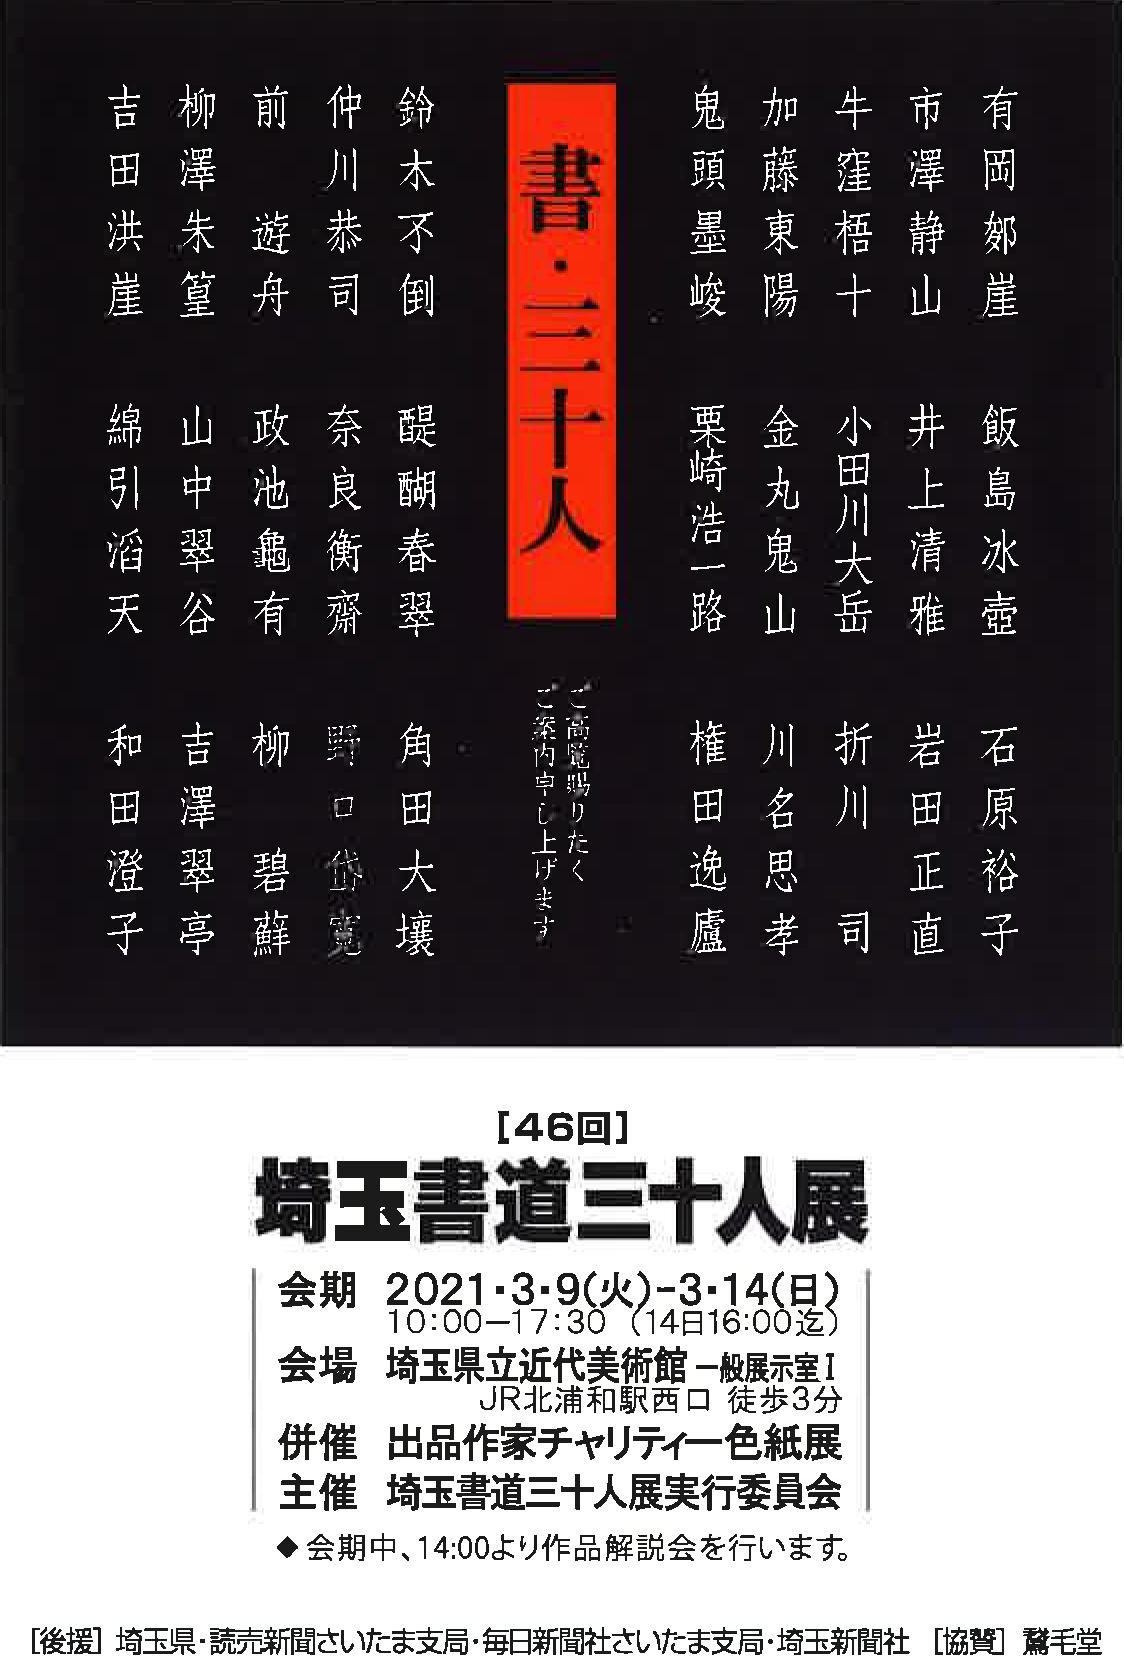 【展覧会情報】46回埼玉書道三十人展